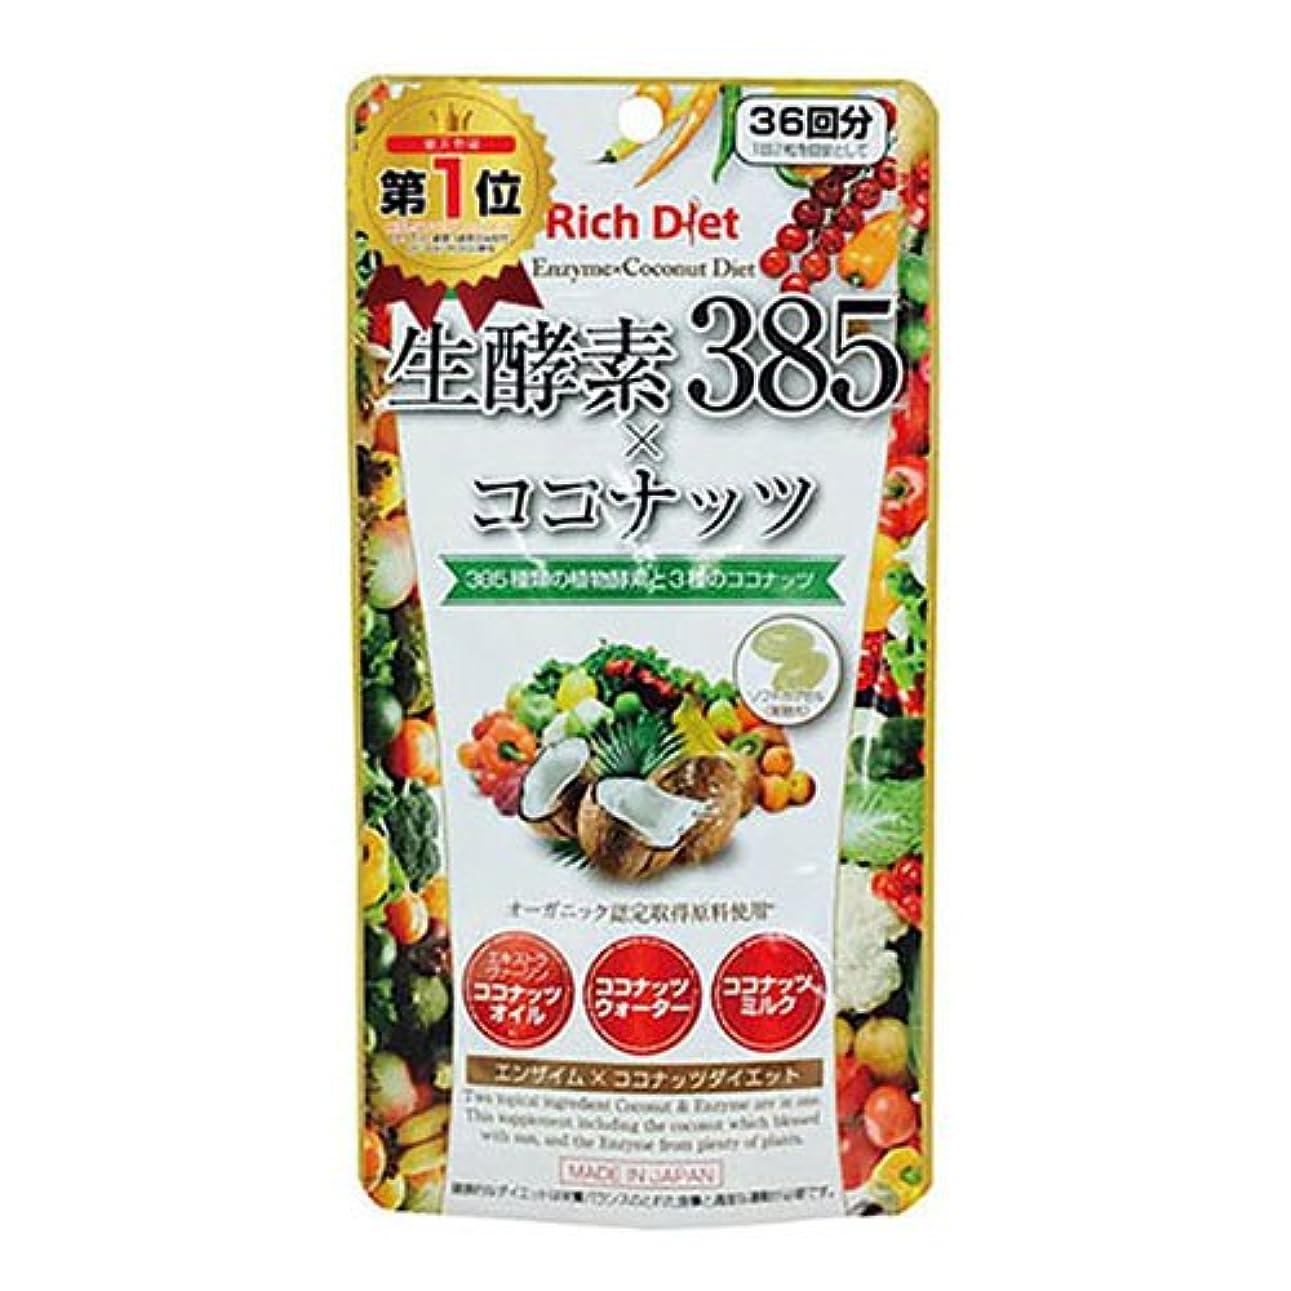 適性面白い通常Rich Diet 生酵素×ココナッツダイエット 72粒